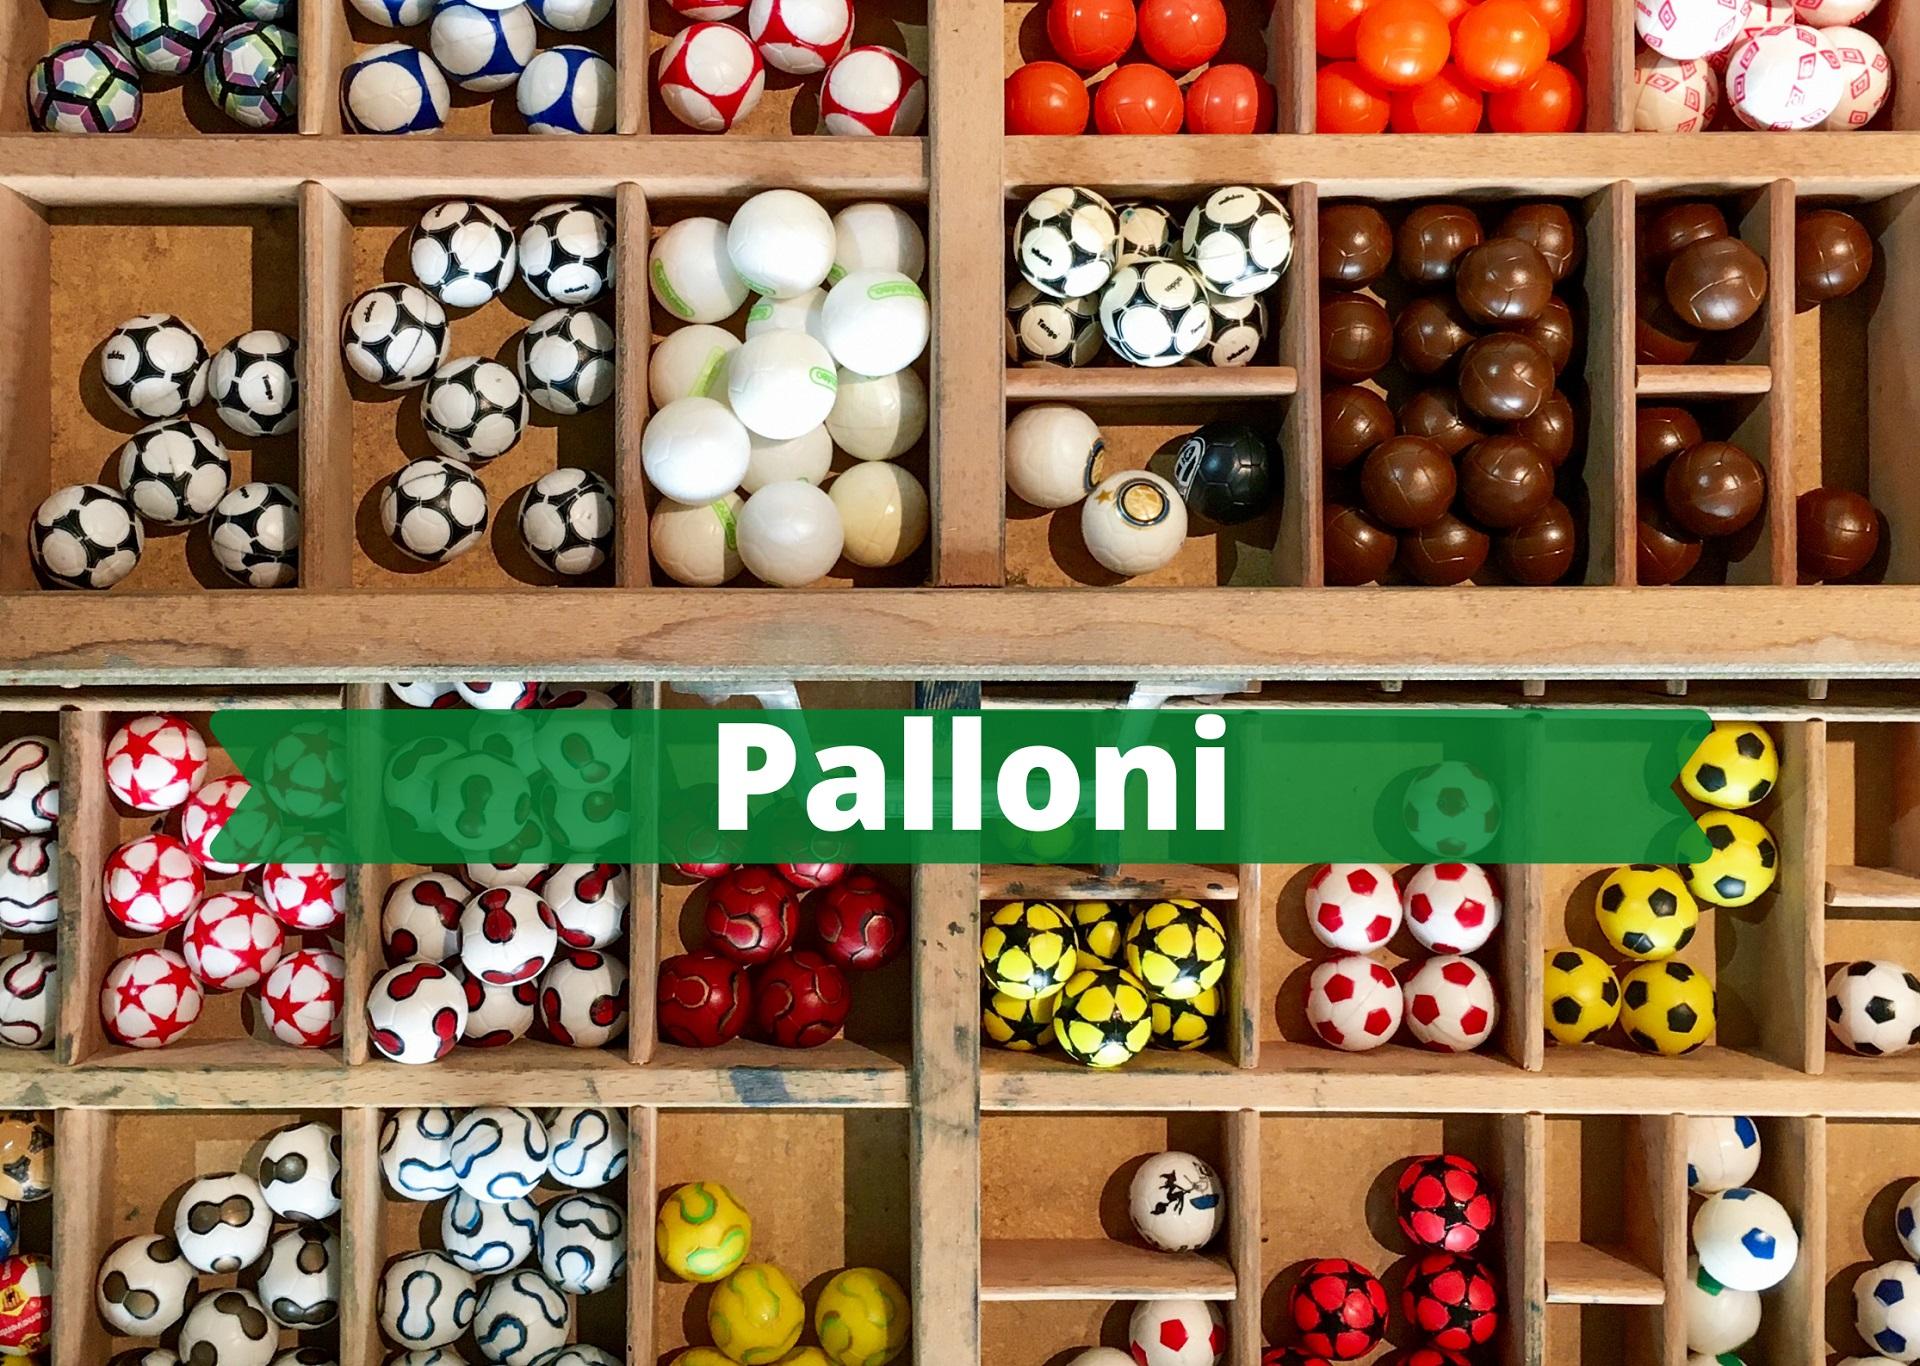 palloni-subbuteo-calcio-in-miniatura